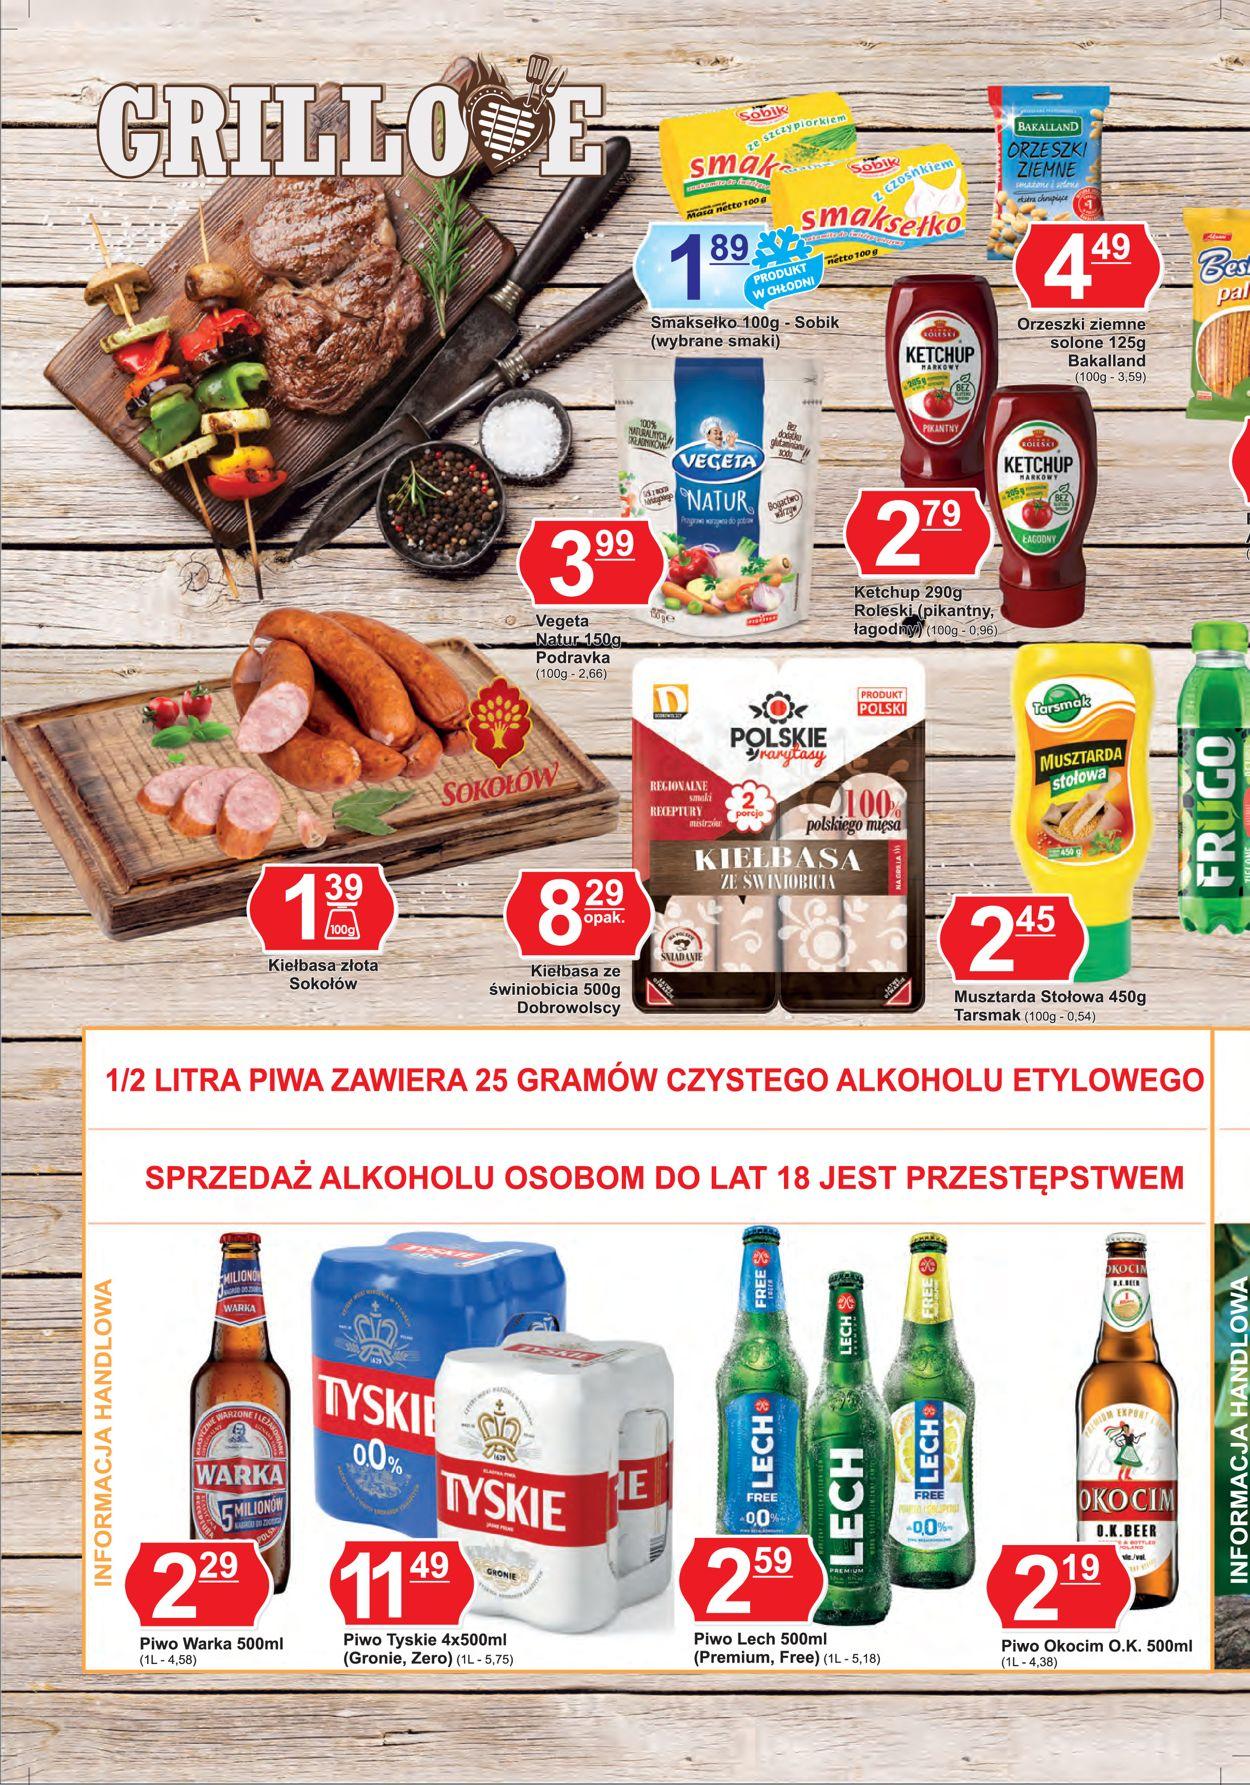 Gazetka promocyjna Hitpol - 07.08-16.08.2020 (Strona 4)